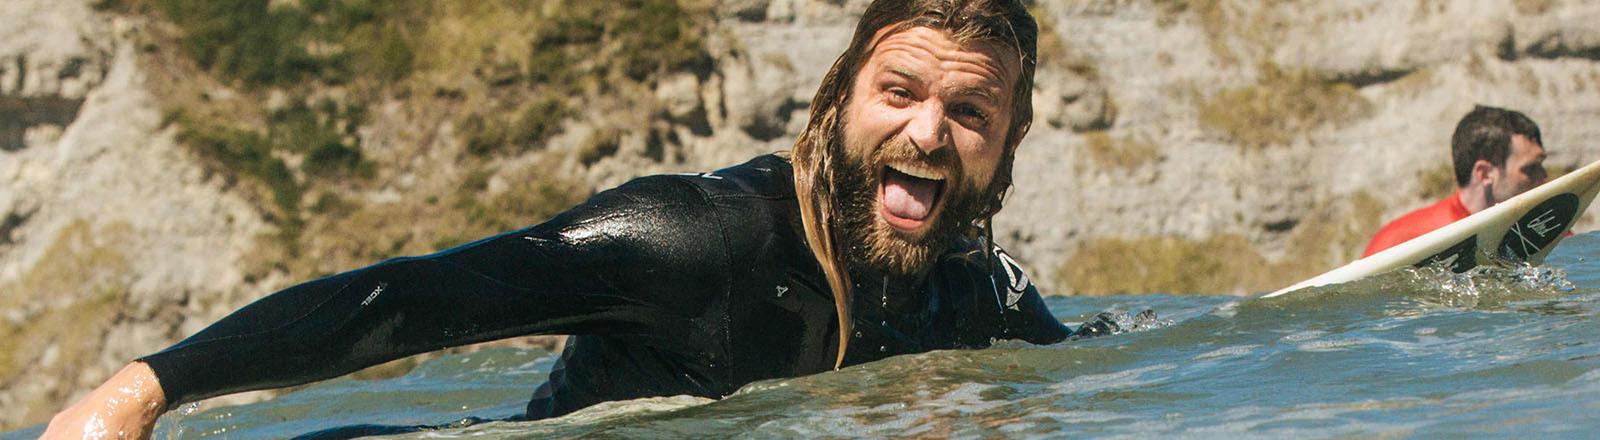 Carlo Drechsel auf seinem Surfbrett im Meer, dahinter Felsküste.